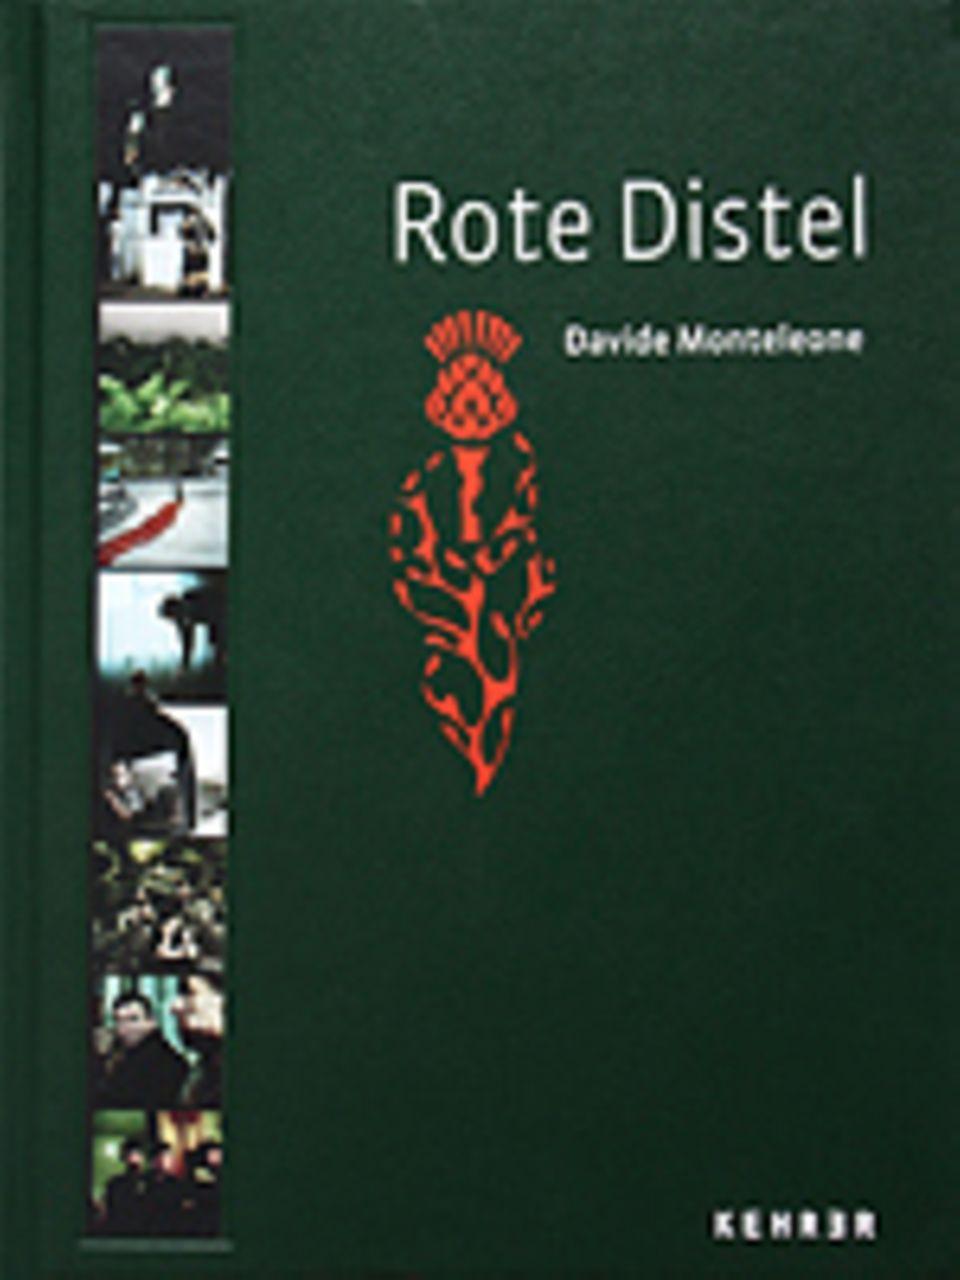 Fotogalerie: Rote Distel, Davide Monteleone, Festeinband, 128 Seiten, 70 Farbabb. Deutsch, 35 Euro, 2012 Kehrer Verlag